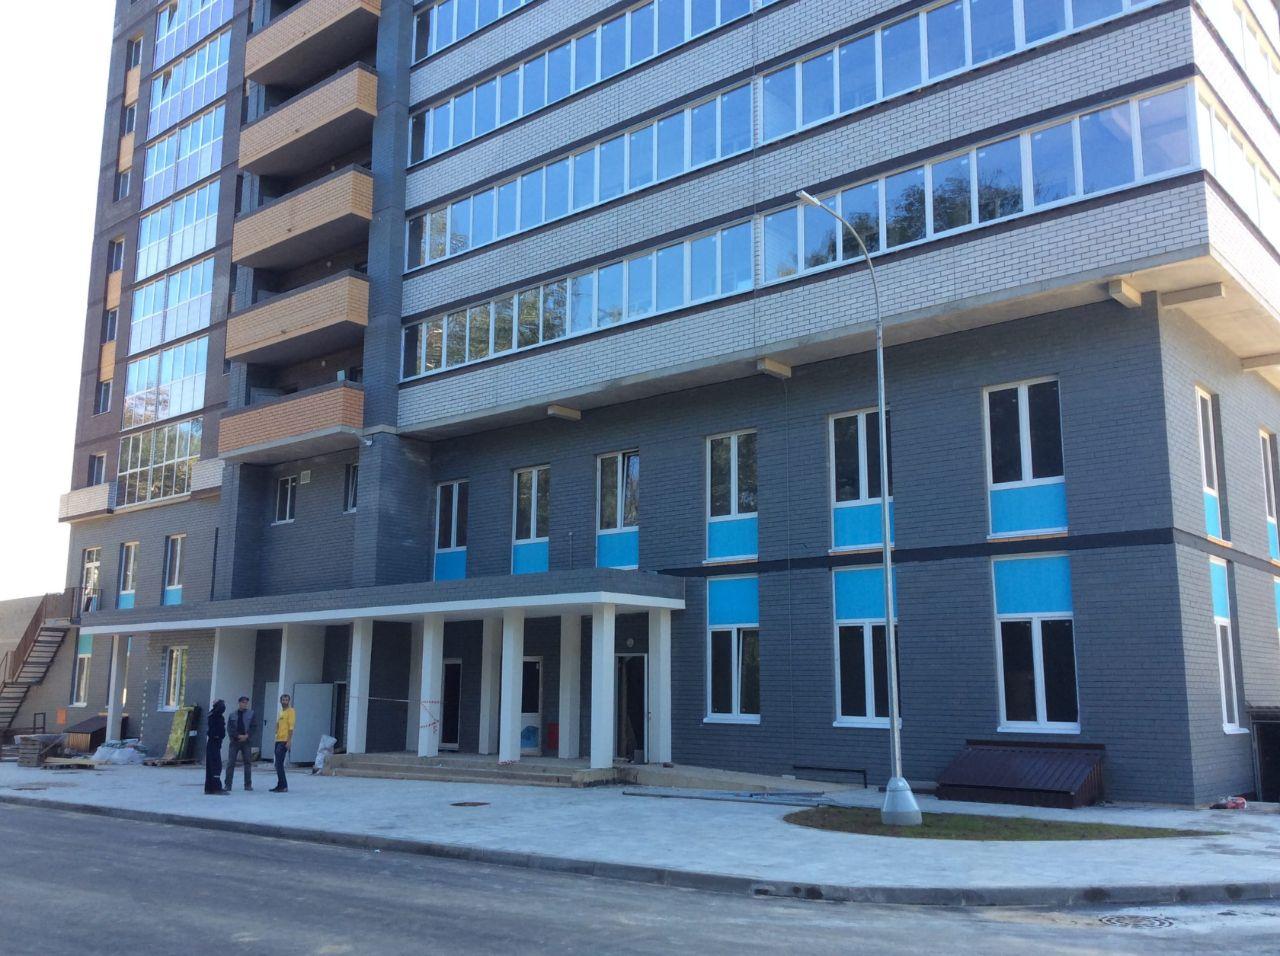 Коммерческая недвижимость в обнинске в новостройке аренда офисов в бресте на я.купалы